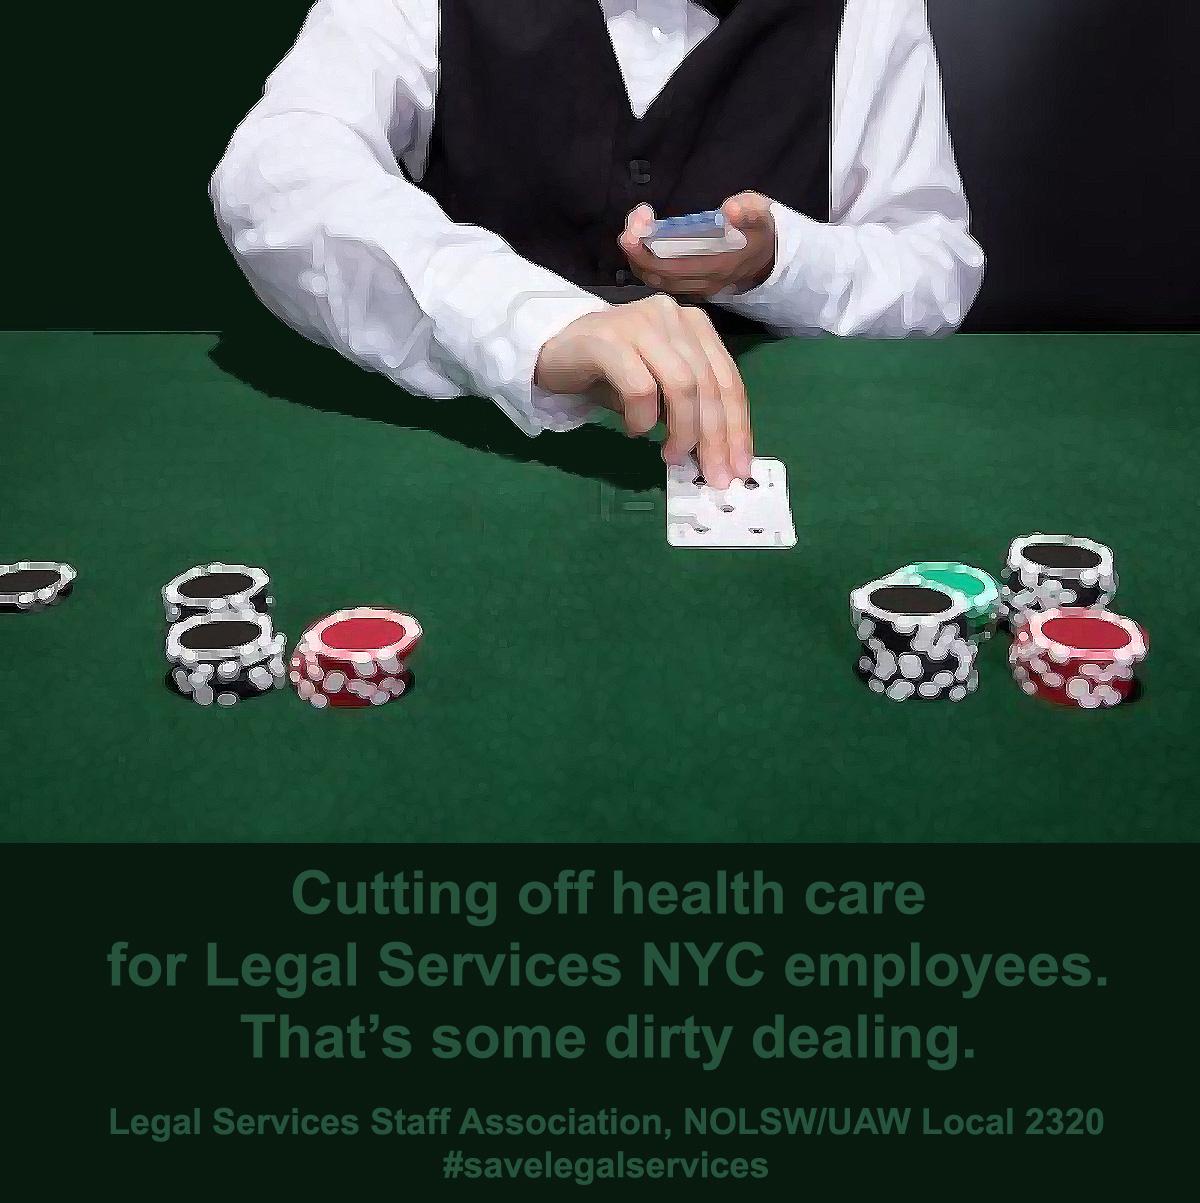 Трахнул крупье на столе в покер 8 фотография